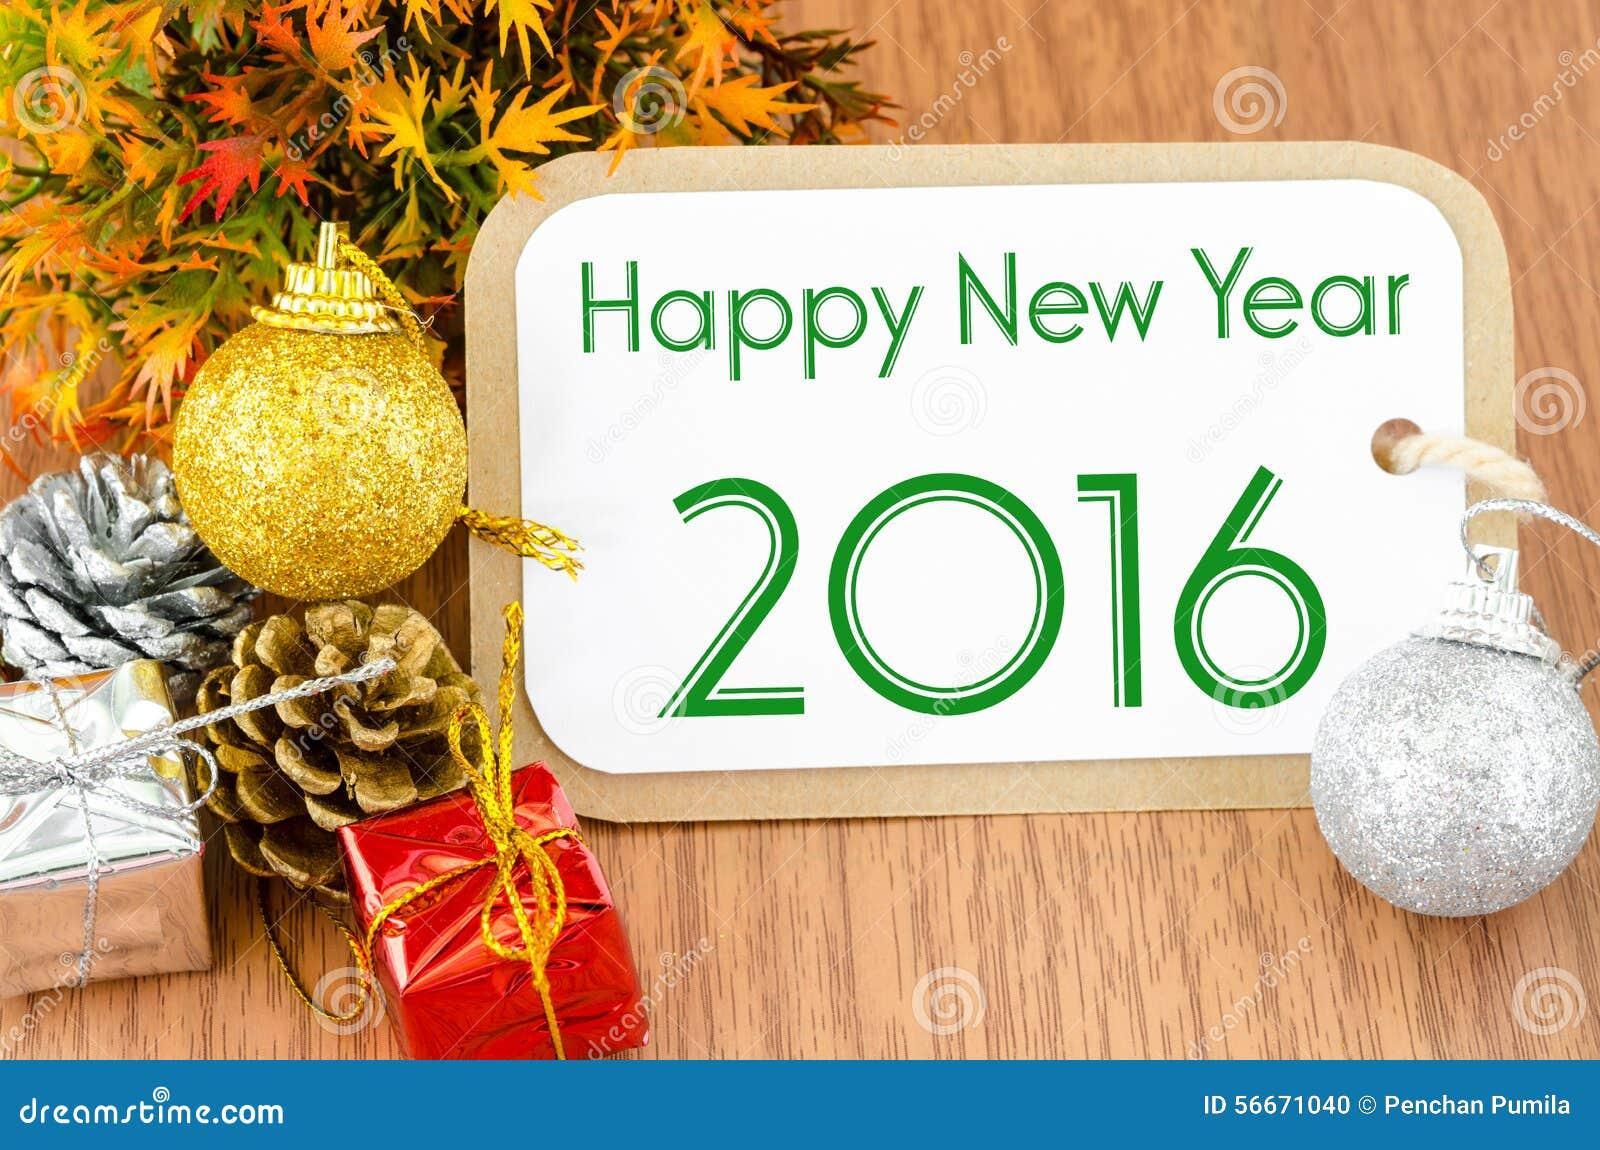 New year 2016 stock photo image 58693644 - 2016 En La Decoraci N Marr N Del A O Nuevo Del Papel De La Etiqueta Foto De Archivo